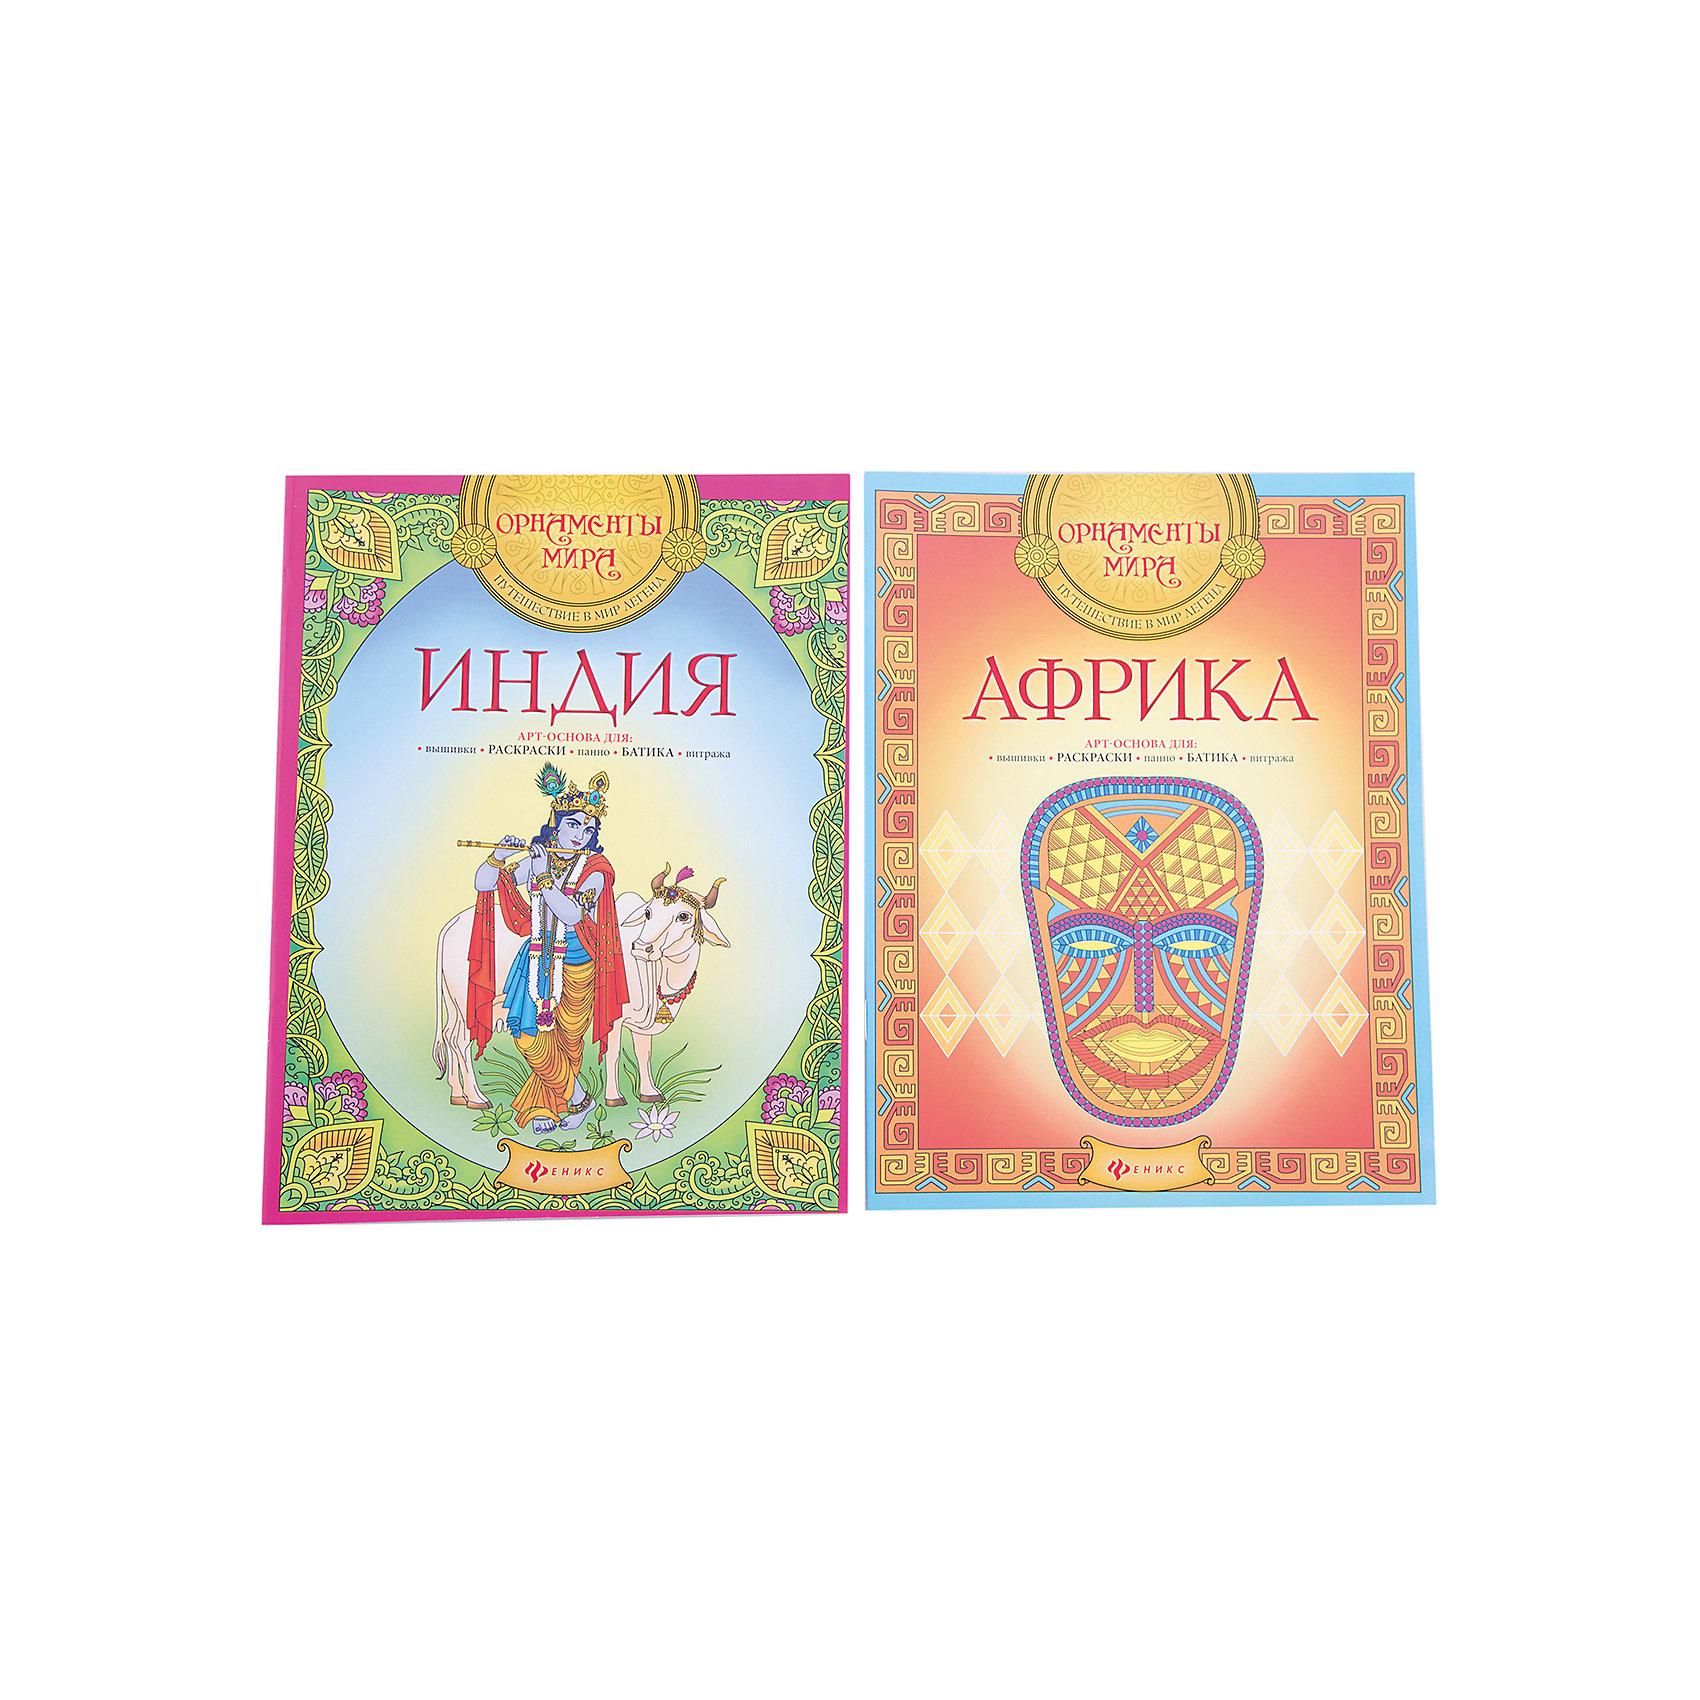 Комплект из двух раскрасок Африка + ИндияРаскраски-антистресс<br>Характеристики:<br><br>• ISBN: 978-5-222-25629-9;<br>• ISBN: 978-5-222-25631-2;<br>• возраст: от 8 лет;<br>• формат: 84х108/16;<br>• бумага: офсет;<br>• тип обложки: мягкий переплет (крепление скрепкой или клеем);<br>• иллюстрации: черно-белые;<br>• серия: Орнаменты мира;<br>• издательство: Феникс, 2016 г.;<br>• редактор: Киричек Елена Александровна;<br>• художник: Рудыка Наталья;<br>• количество страниц в книге: 16;<br>• размеры книги: 26х20х0,2 см;<br>• масса книги: 70 г.<br><br>В набор входит 2 книжки: <br><br>• «Африка»;<br>• «Индия».<br><br>Необычные раскраски для школьников скопированы с оригинальных образцов мировой культуры. Проработанные детали и искусные орнаменты надолго увлекут не только детей, но и взрослых.<br><br>На иллюстрациях изображена культура африканского и индийского народов. <br><br>Набор книг «Африка + Индия», Рудыка Наталья, Феникс, можно купить в нашем интернет-магазине.<br><br>Ширина мм: 260<br>Глубина мм: 199<br>Высота мм: 20<br>Вес г: 384<br>Возраст от месяцев: 96<br>Возраст до месяцев: 2147483647<br>Пол: Унисекс<br>Возраст: Детский<br>SKU: 6873651